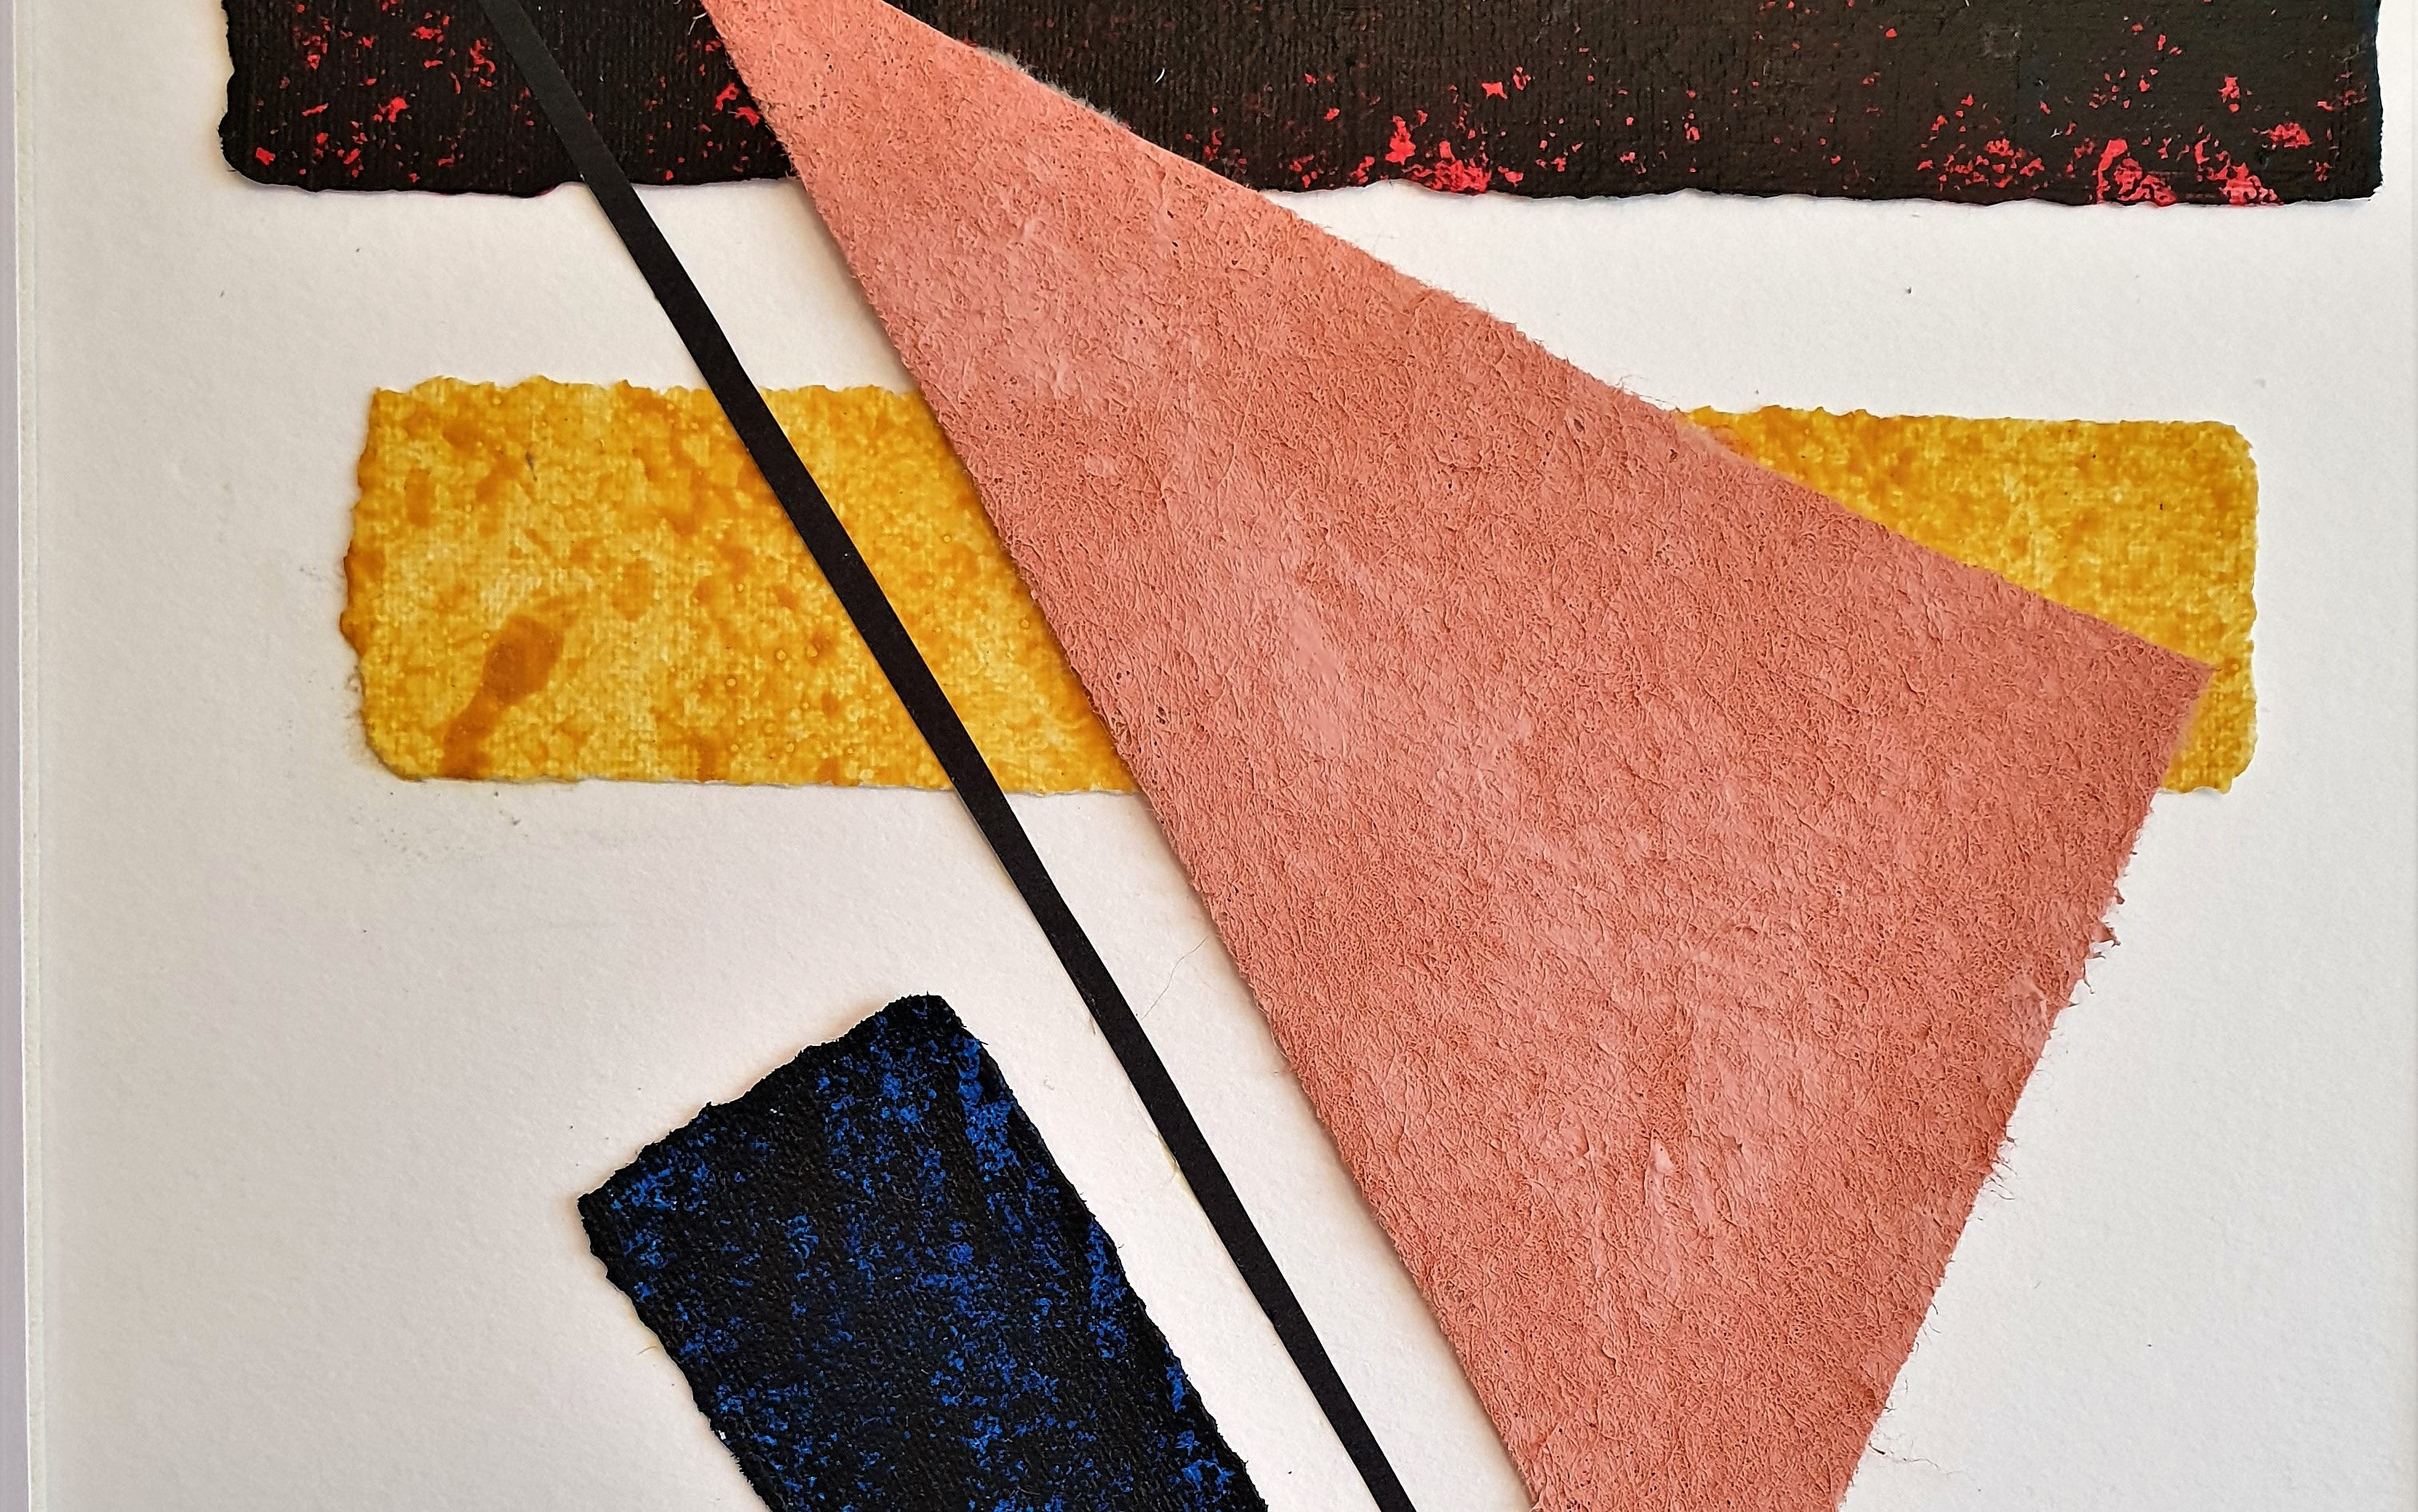 Enlace a la galería de obras de las serie geométrica minimalista de la artista Tatuska